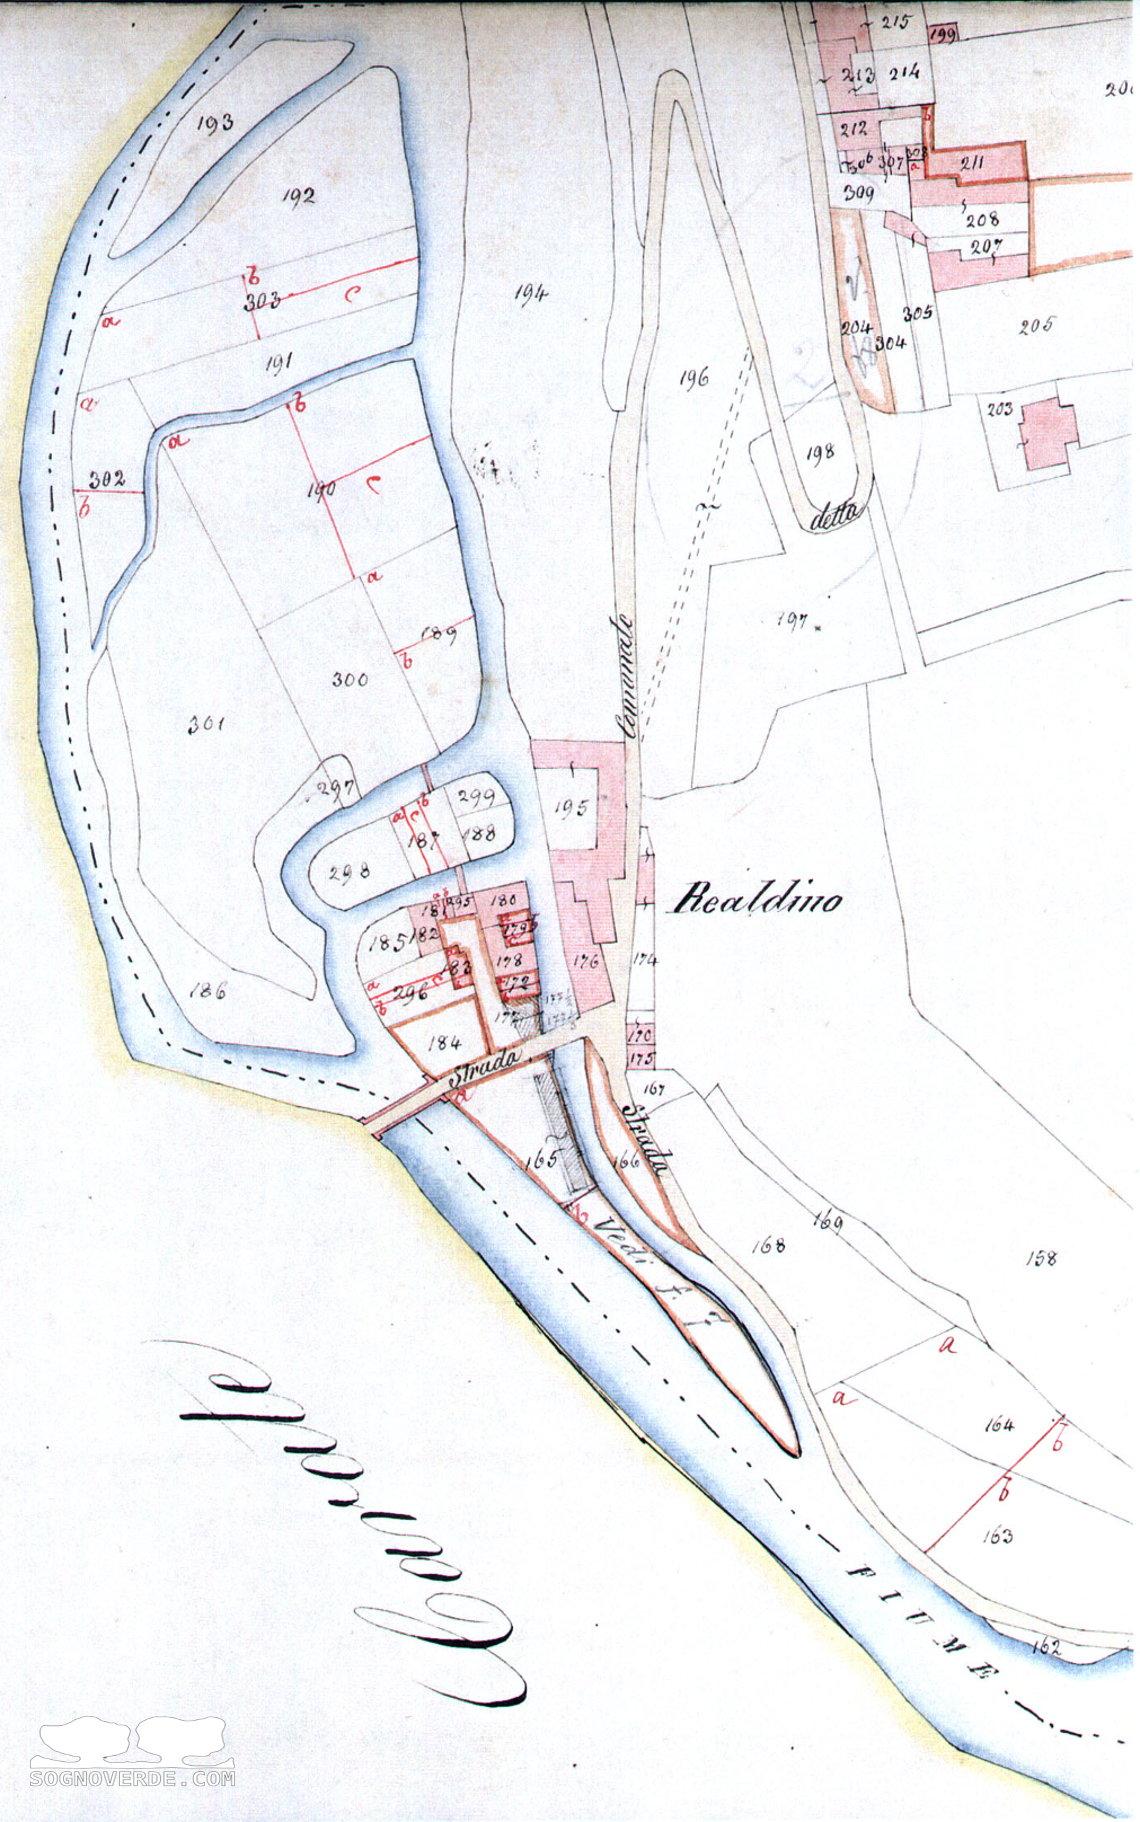 Mappa di Realdino del 1857